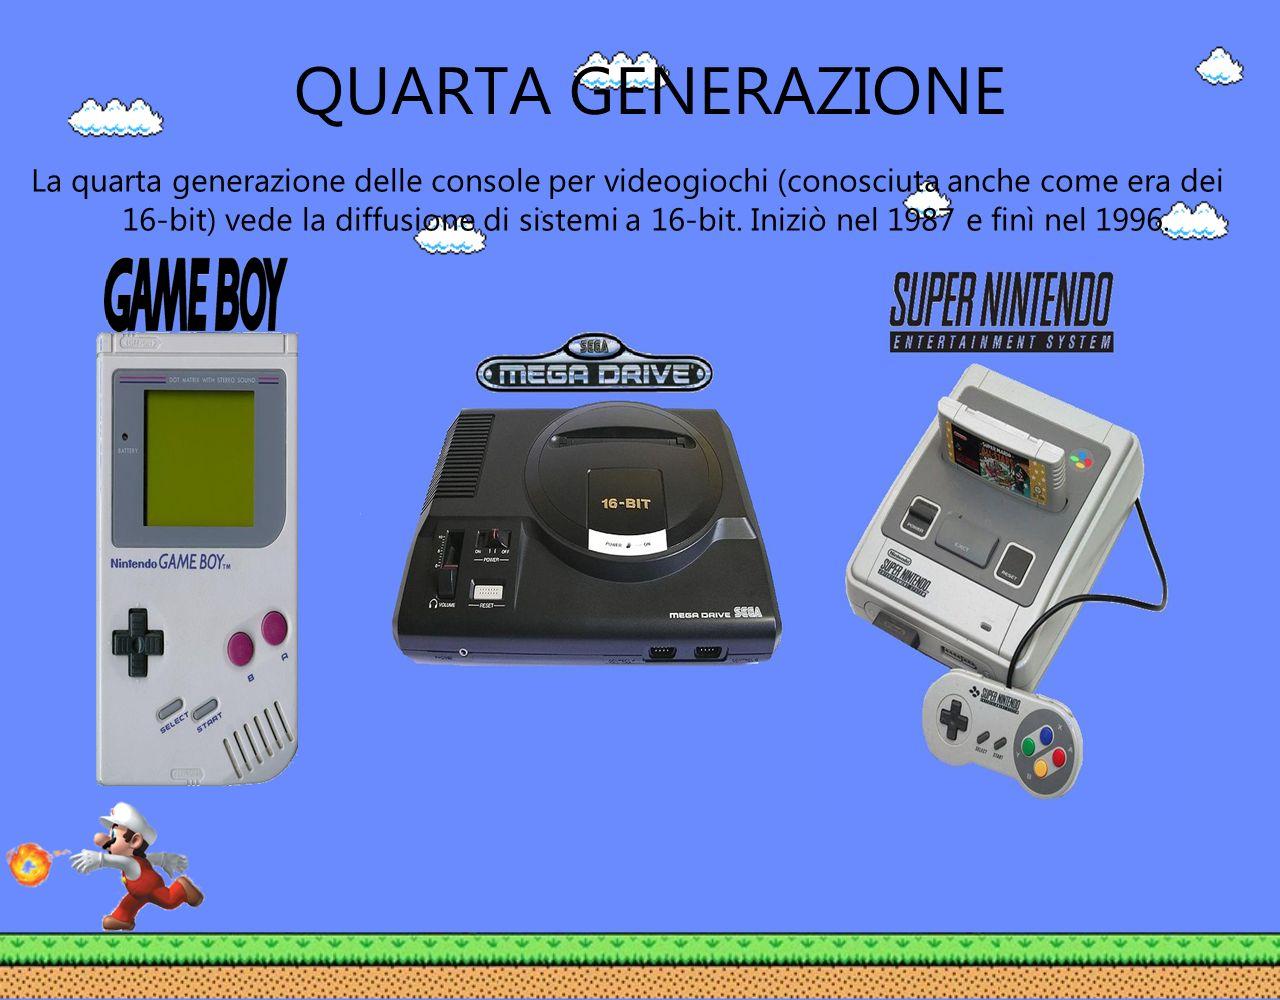 QUARTA GENERAZIONE La quarta generazione delle console per videogiochi (conosciuta anche come era dei 16-bit) vede la diffusione di sistemi a 16-bit.